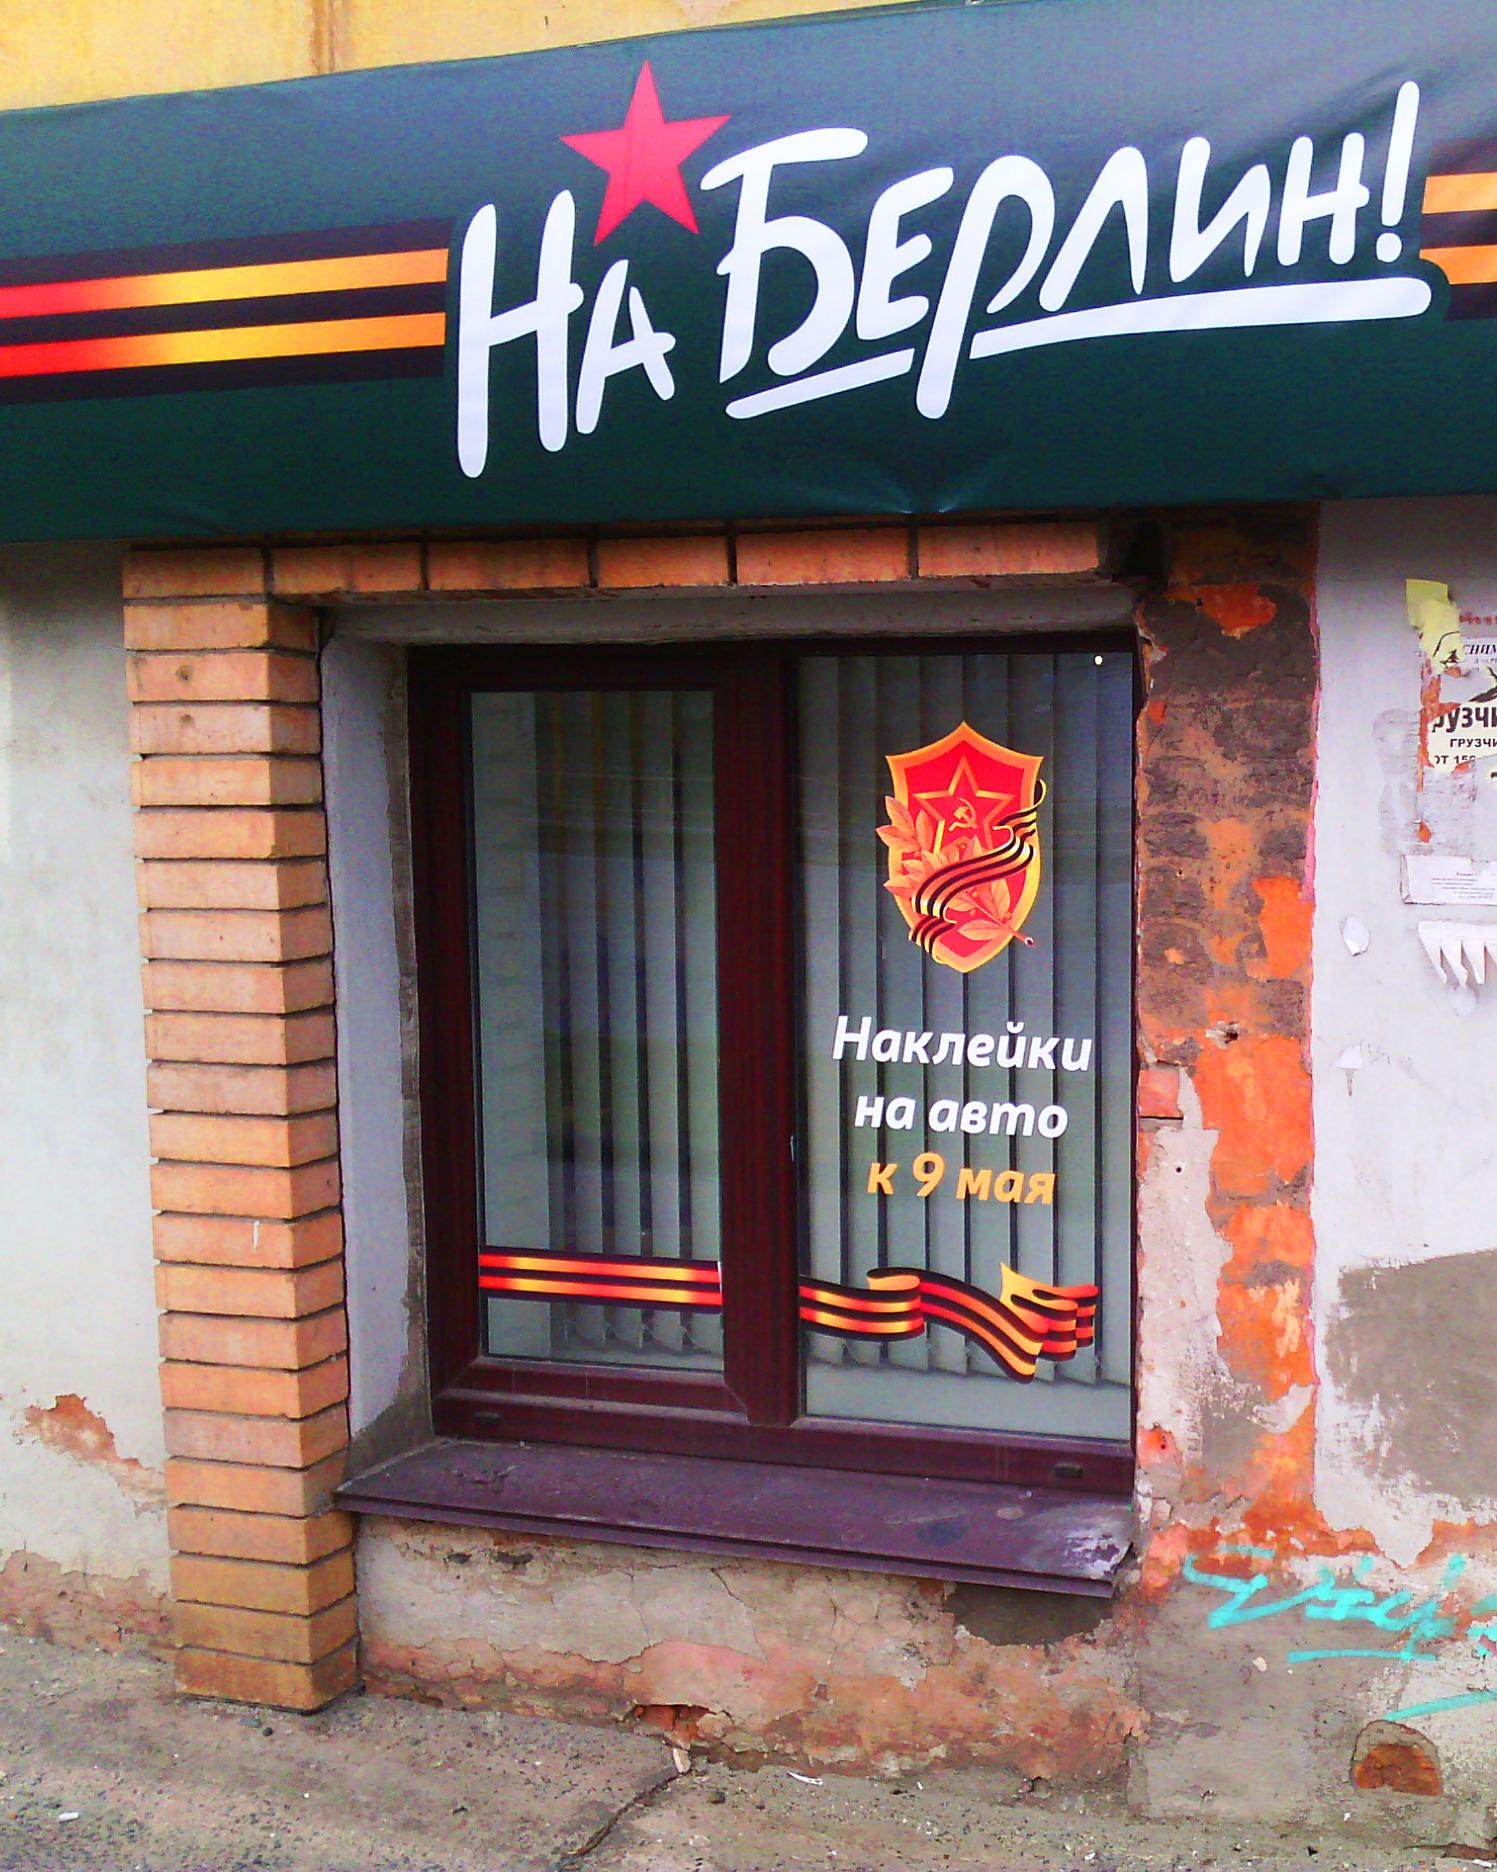 Победа стала в России бизнес-проектом. Фото: Валерий Поташов